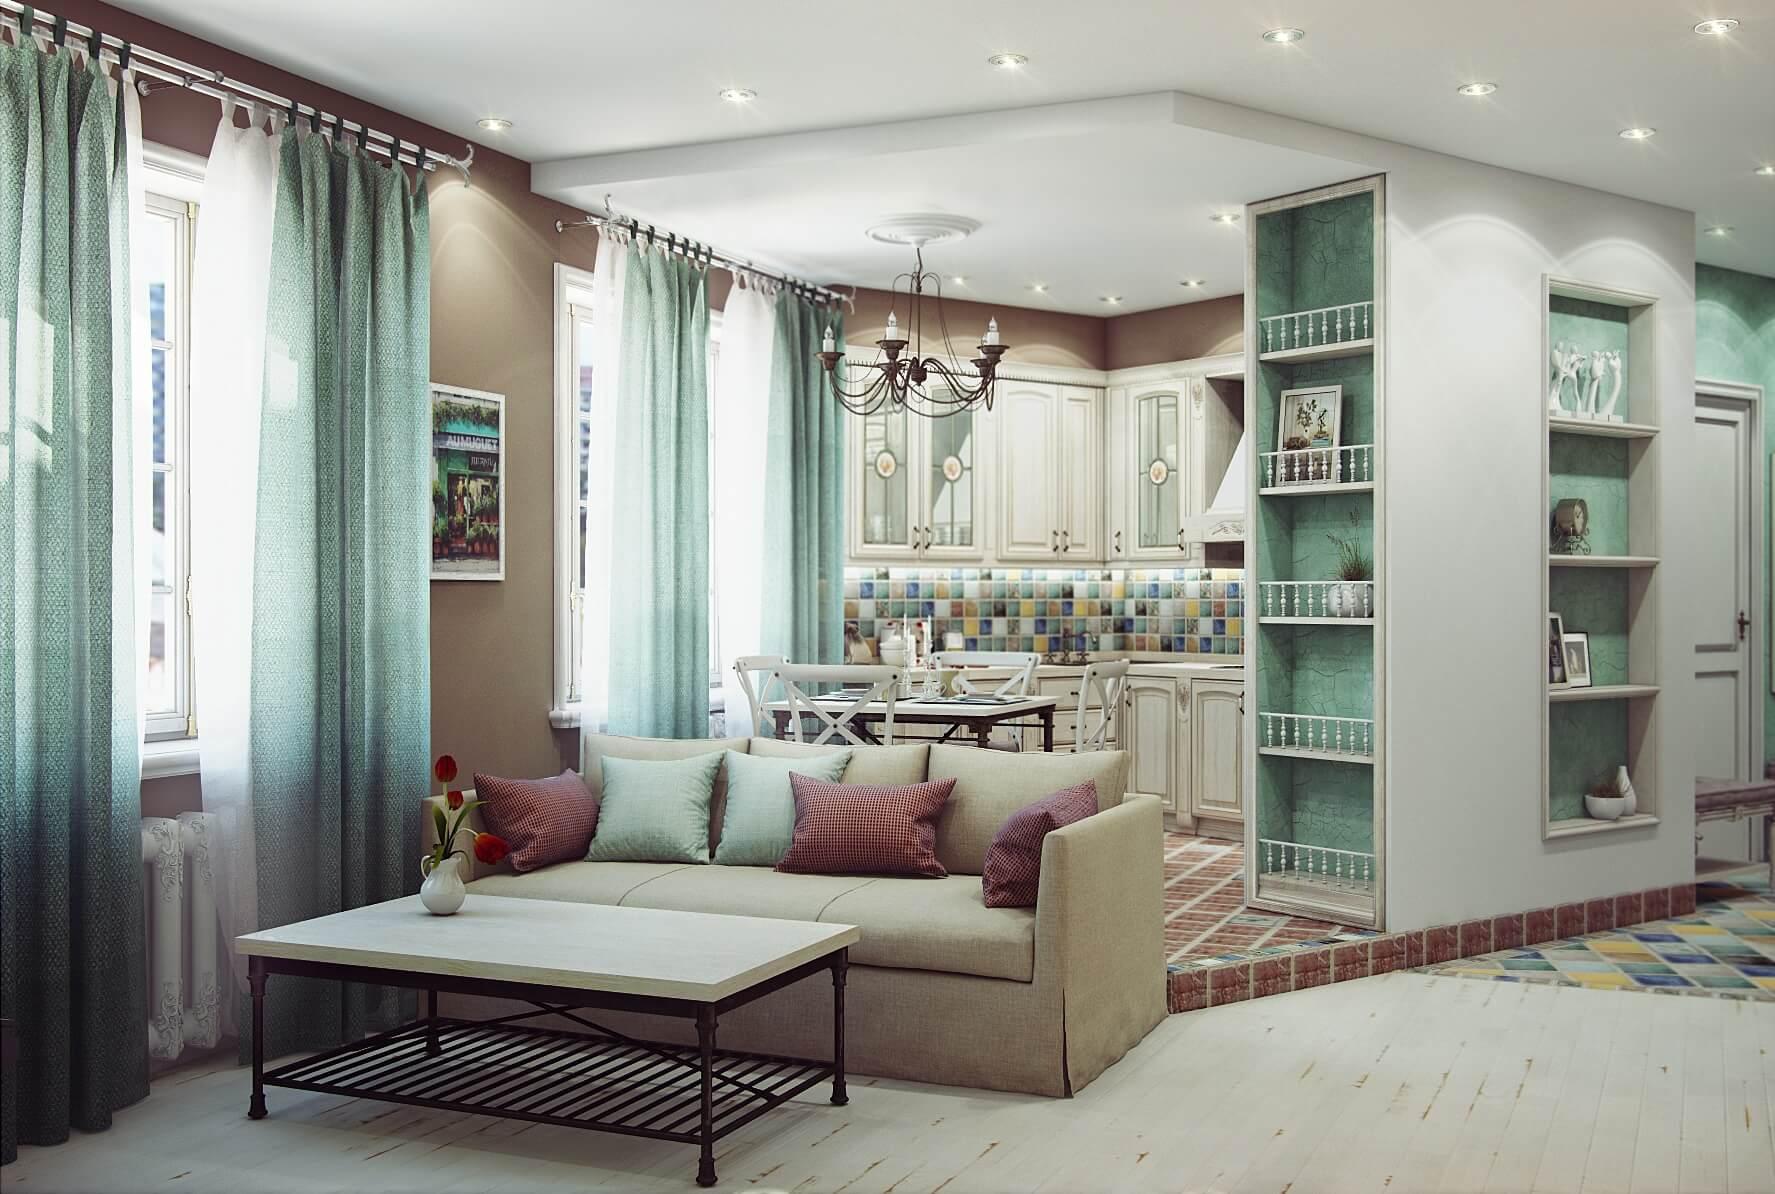 Выделение кухни гостиной при помощи подиума, потолка и гарнитура